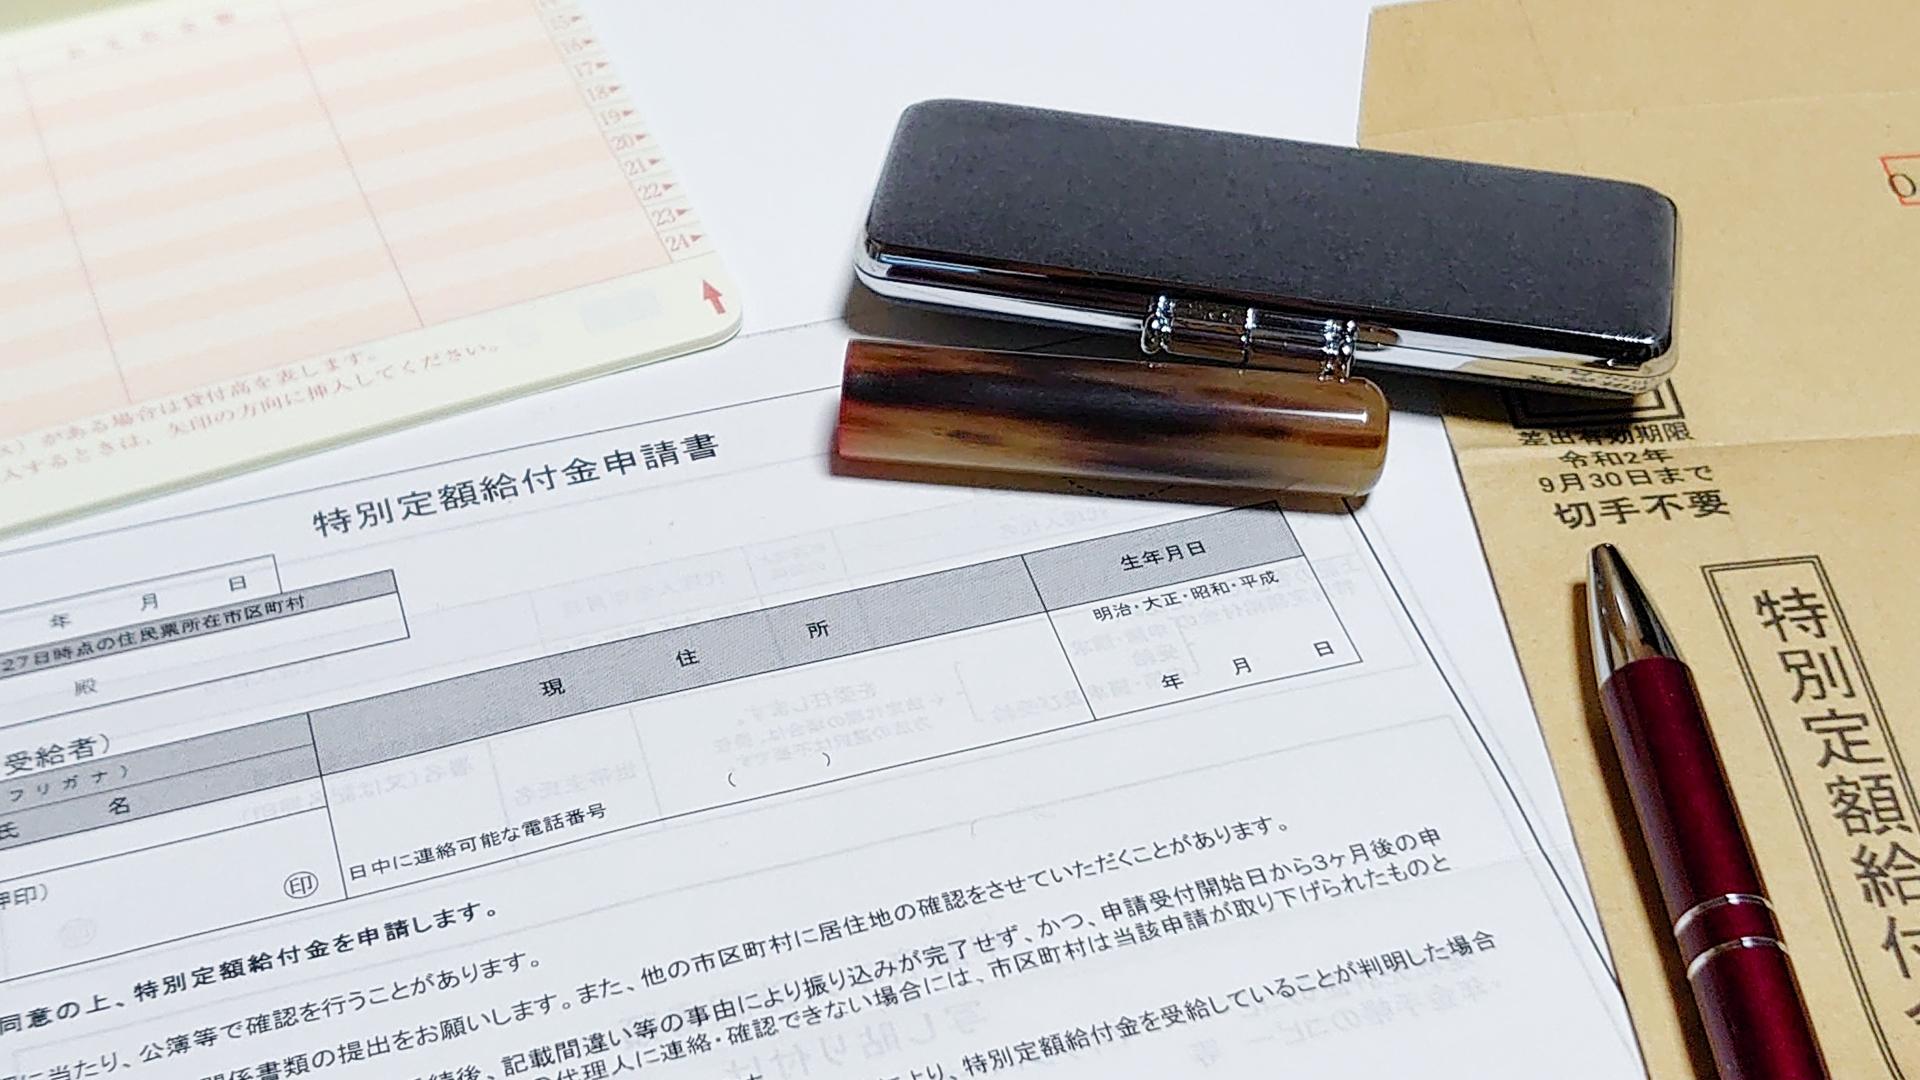 神戸市、行政支援獲得サポーターを創設[ニュース]